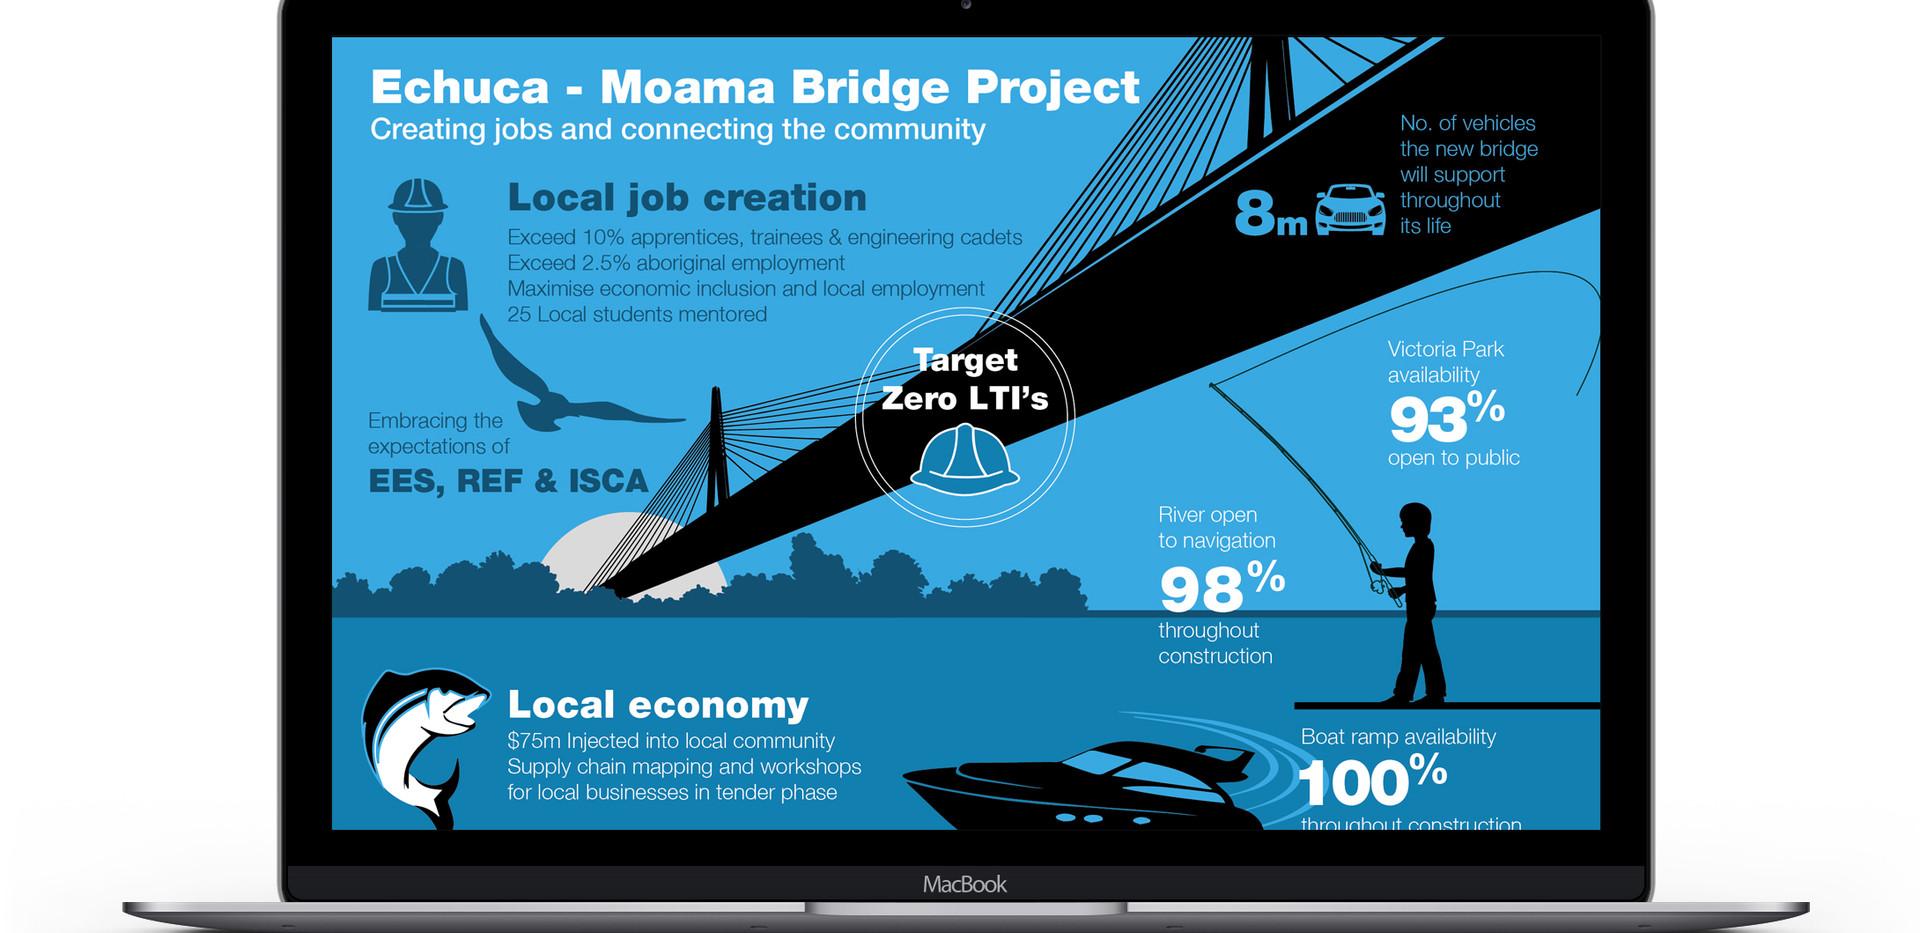 ECHUCAMOAMA BRIDGE